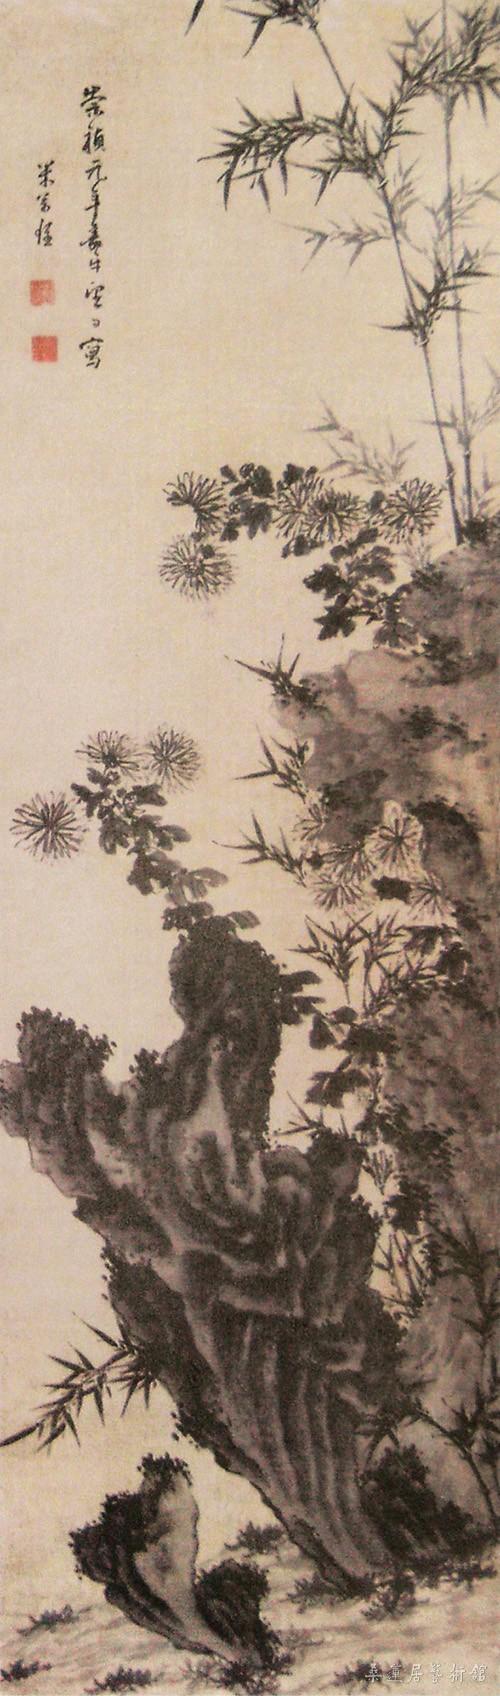 明 米万钟《菊花竹石图》轴 1624年作 绢本墨笔 180.5×54cm 北京故宫博物院藏 缩图